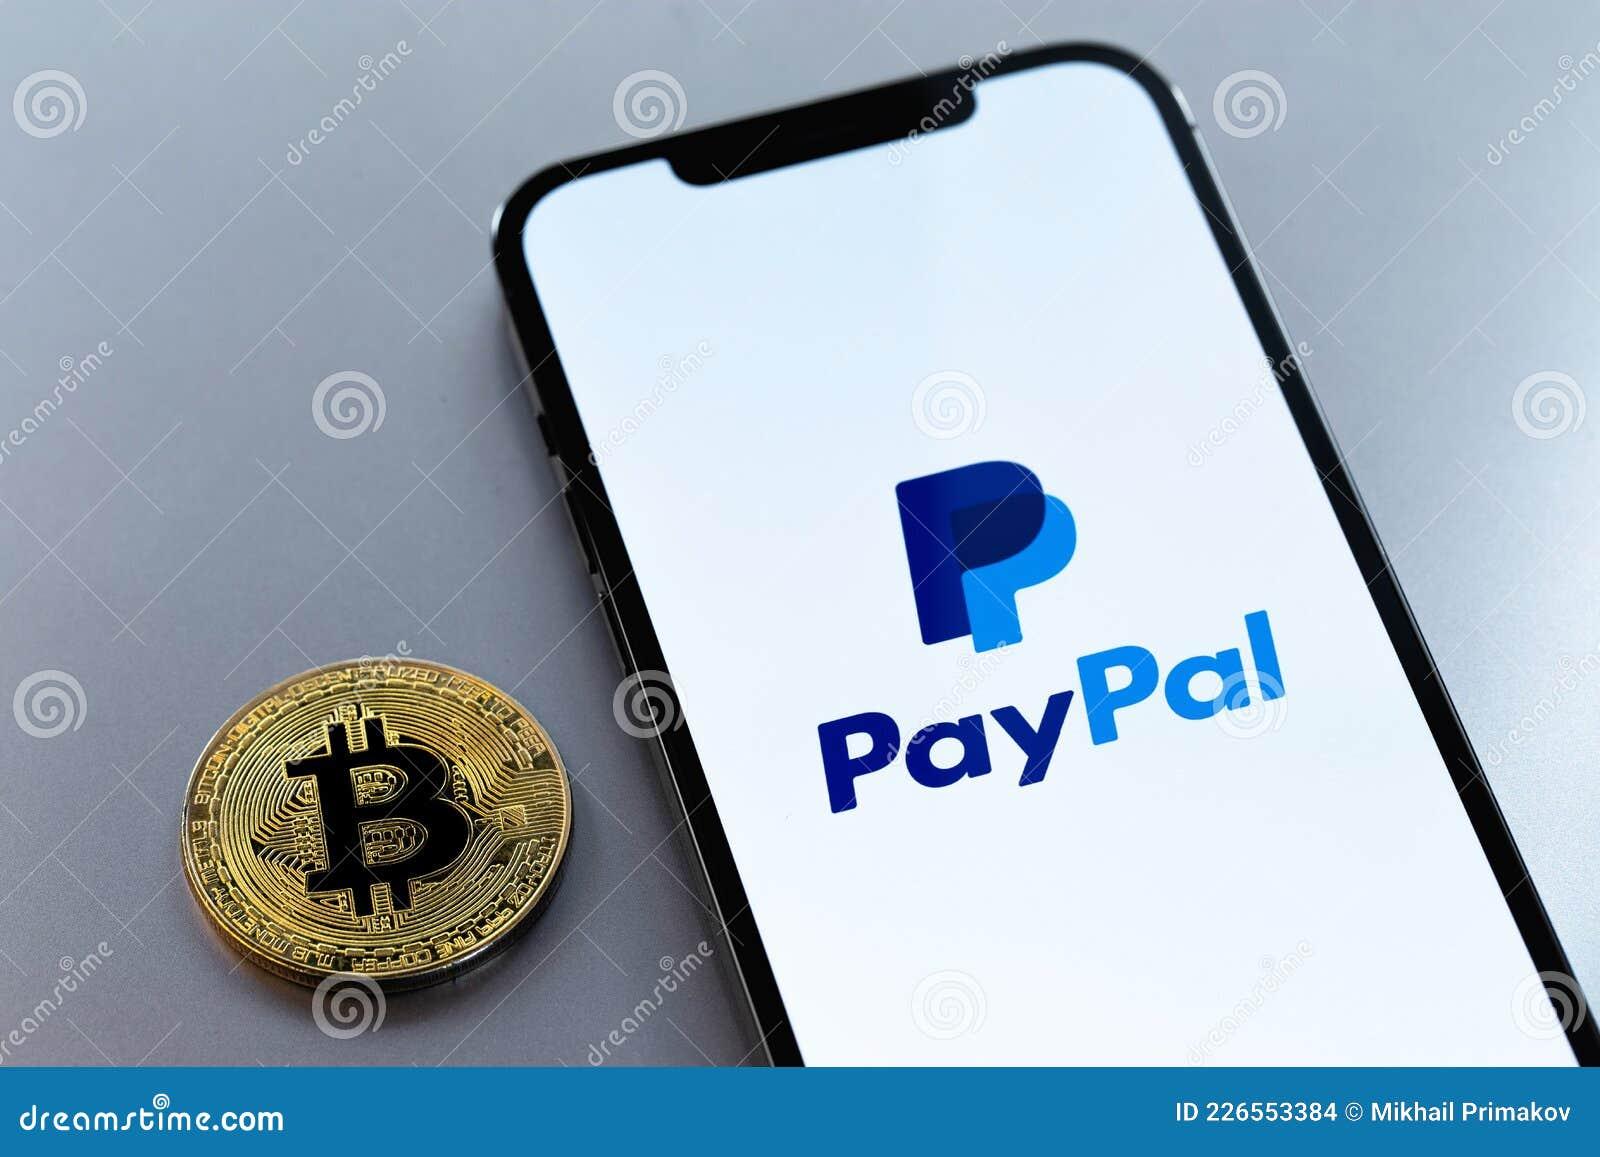 trasferimento paypal a bitcoin migliore piattaforma trading italiana